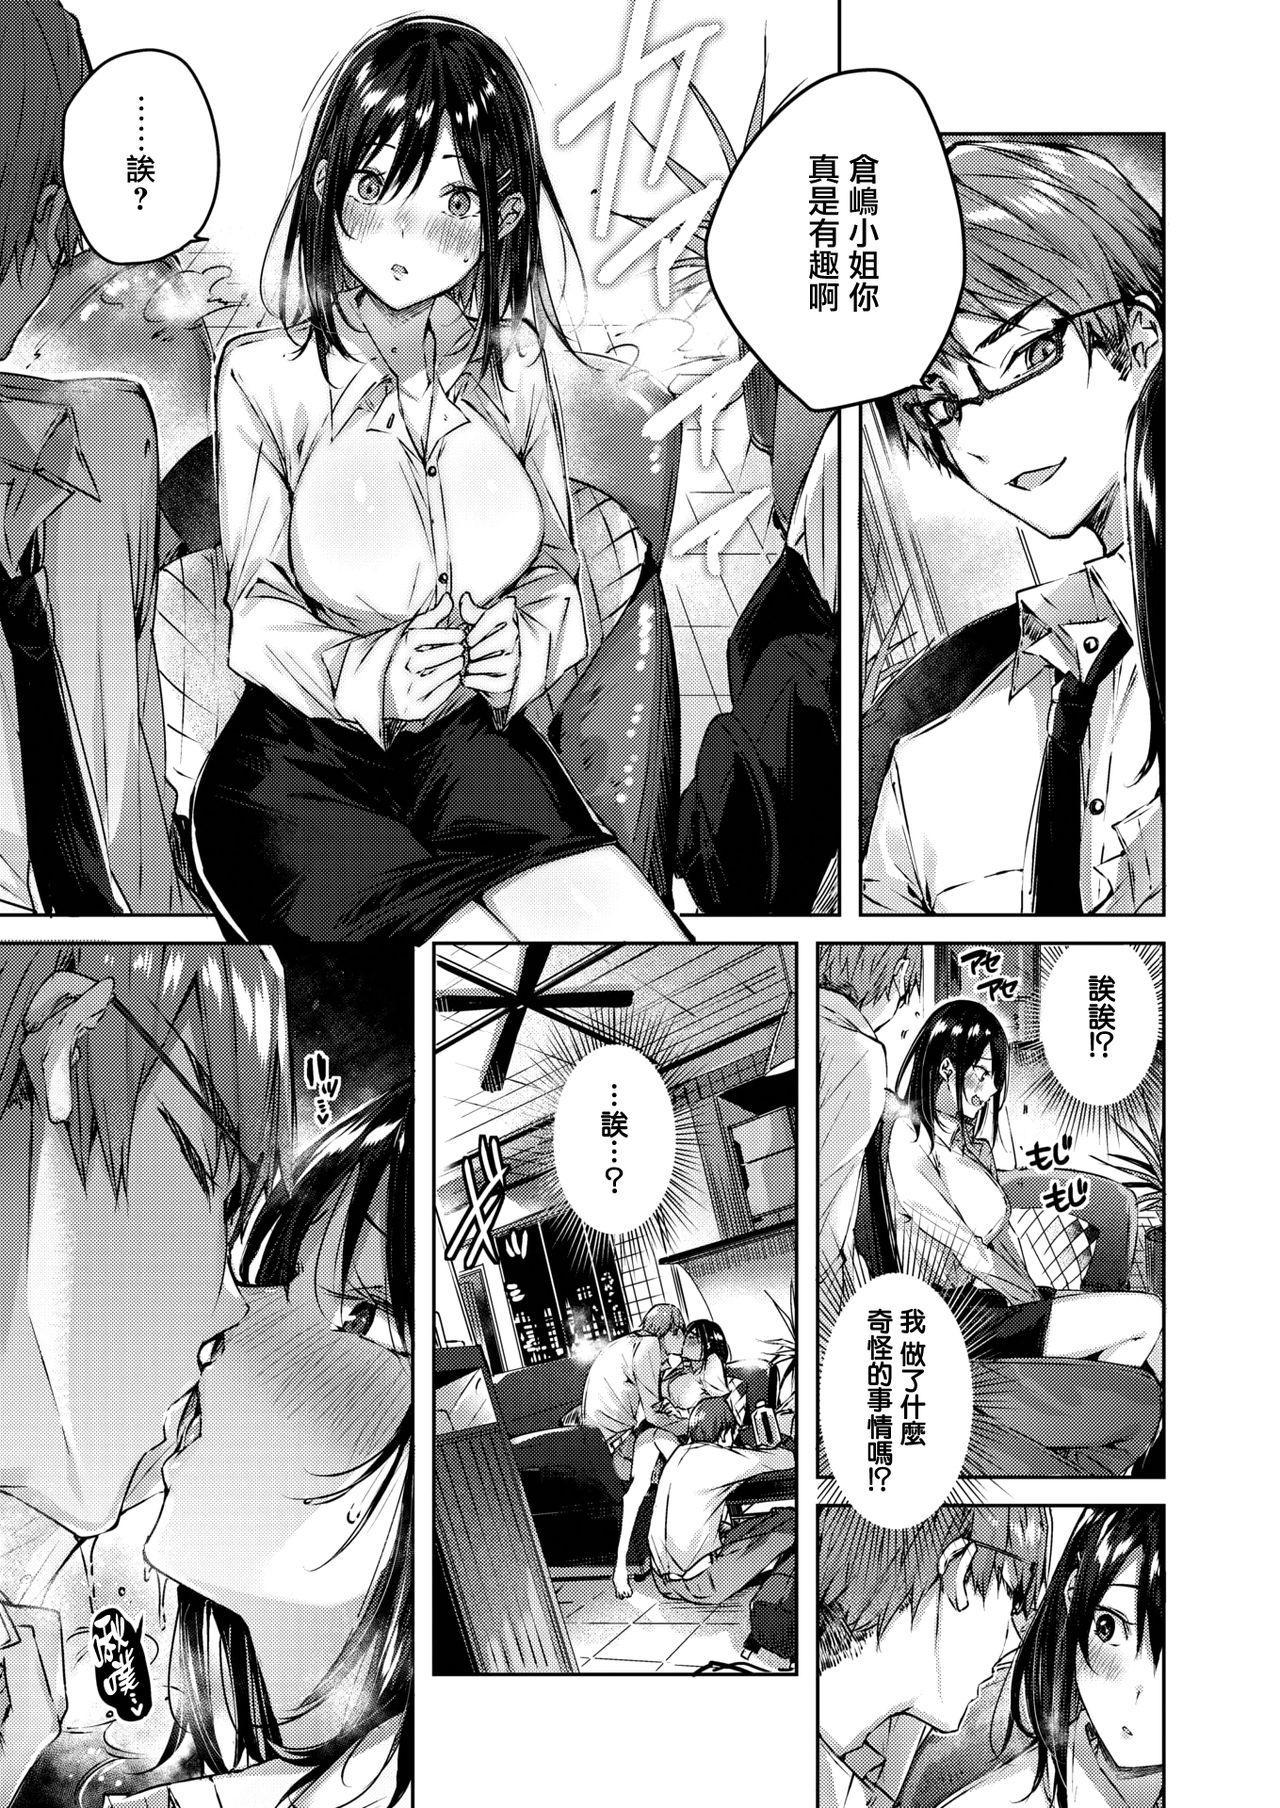 Kokoro no Guidance 7